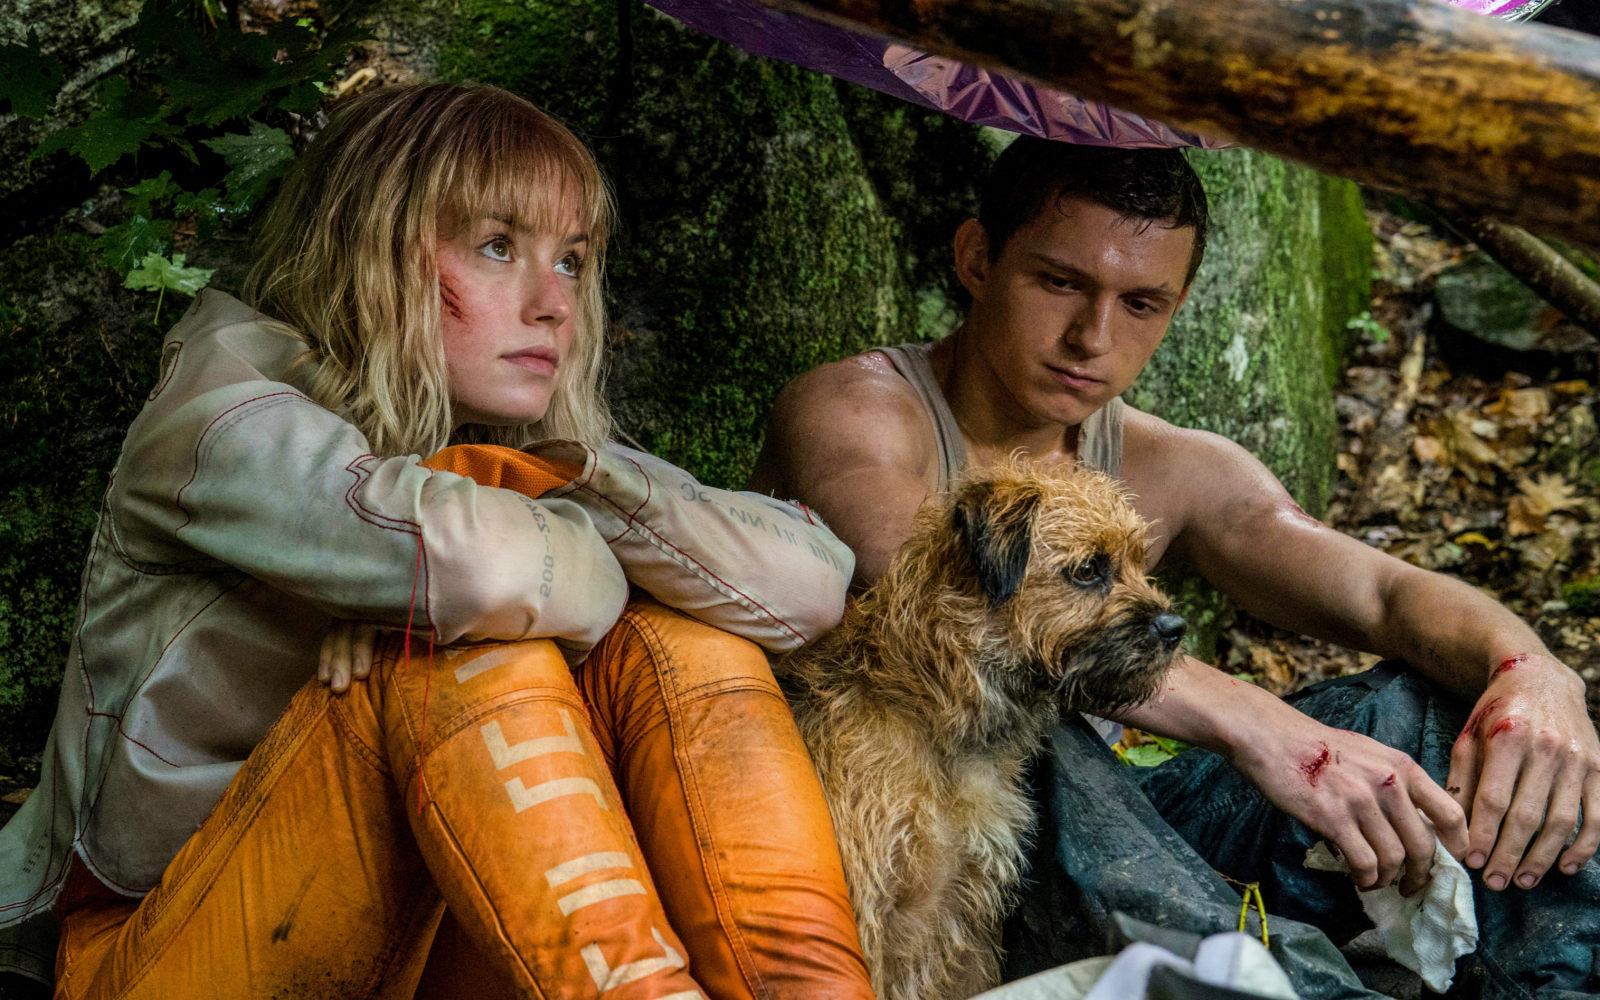 汤姆·赫兰德搭档黛西·雷德利主演科幻片《混沌漫步》发布首支预告